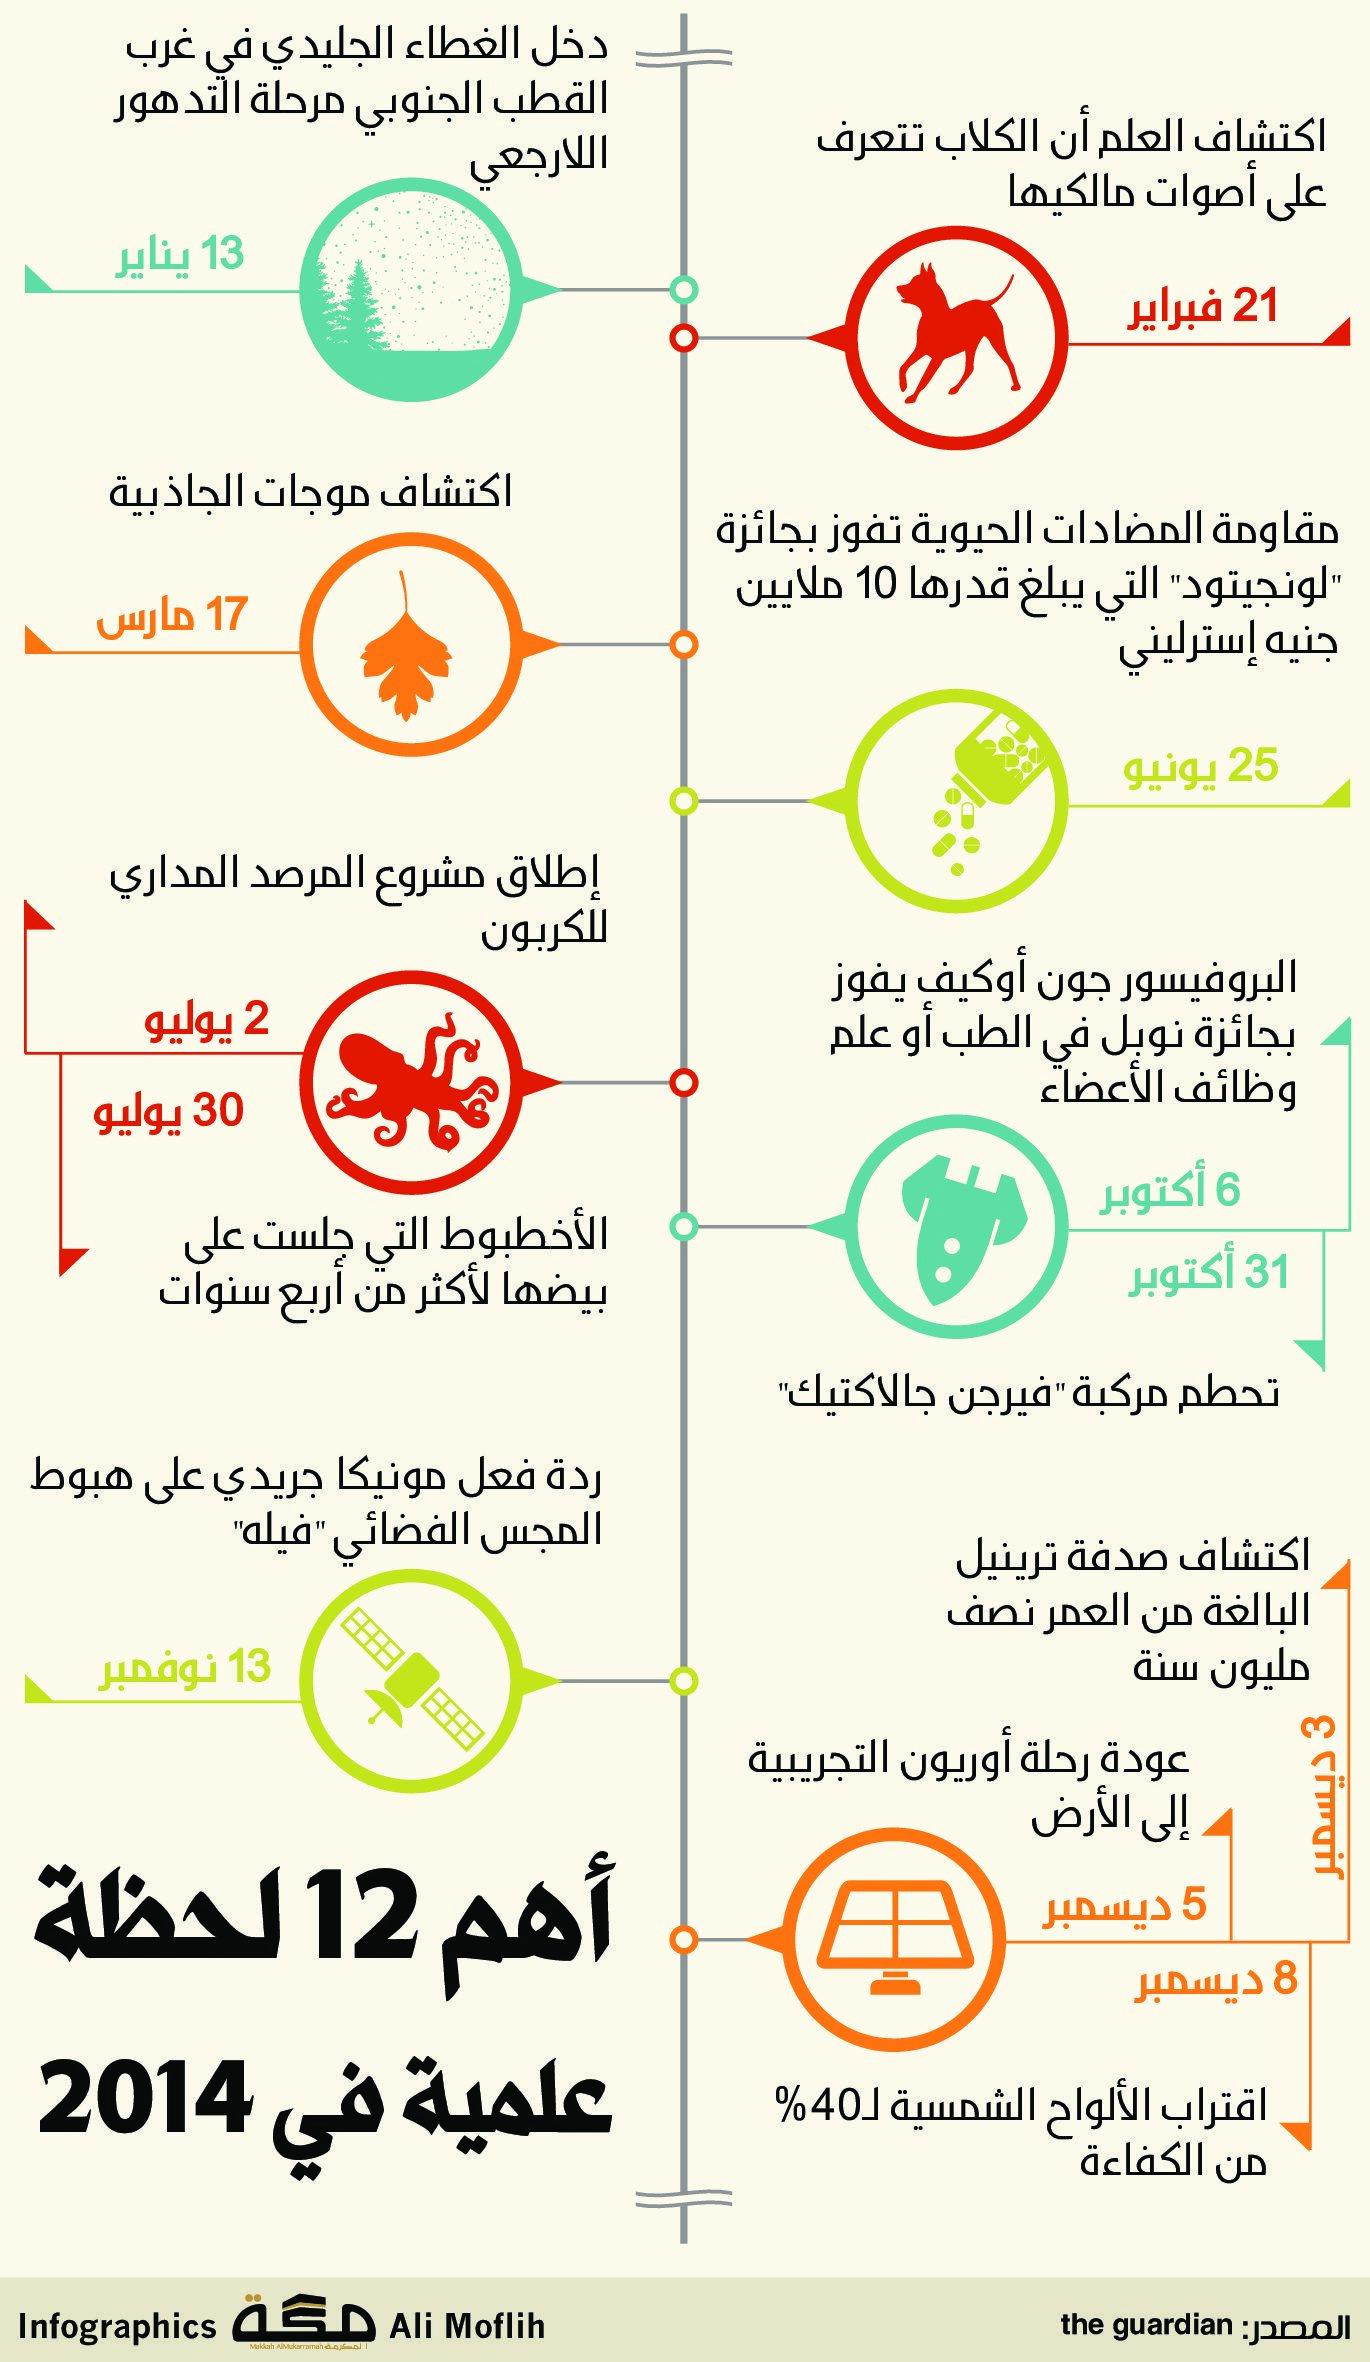 أهم 12 لحظة علمية في 2014 صحيفة مكة انفوجرافيك منوعات Bullet Journal Infographic Makkah